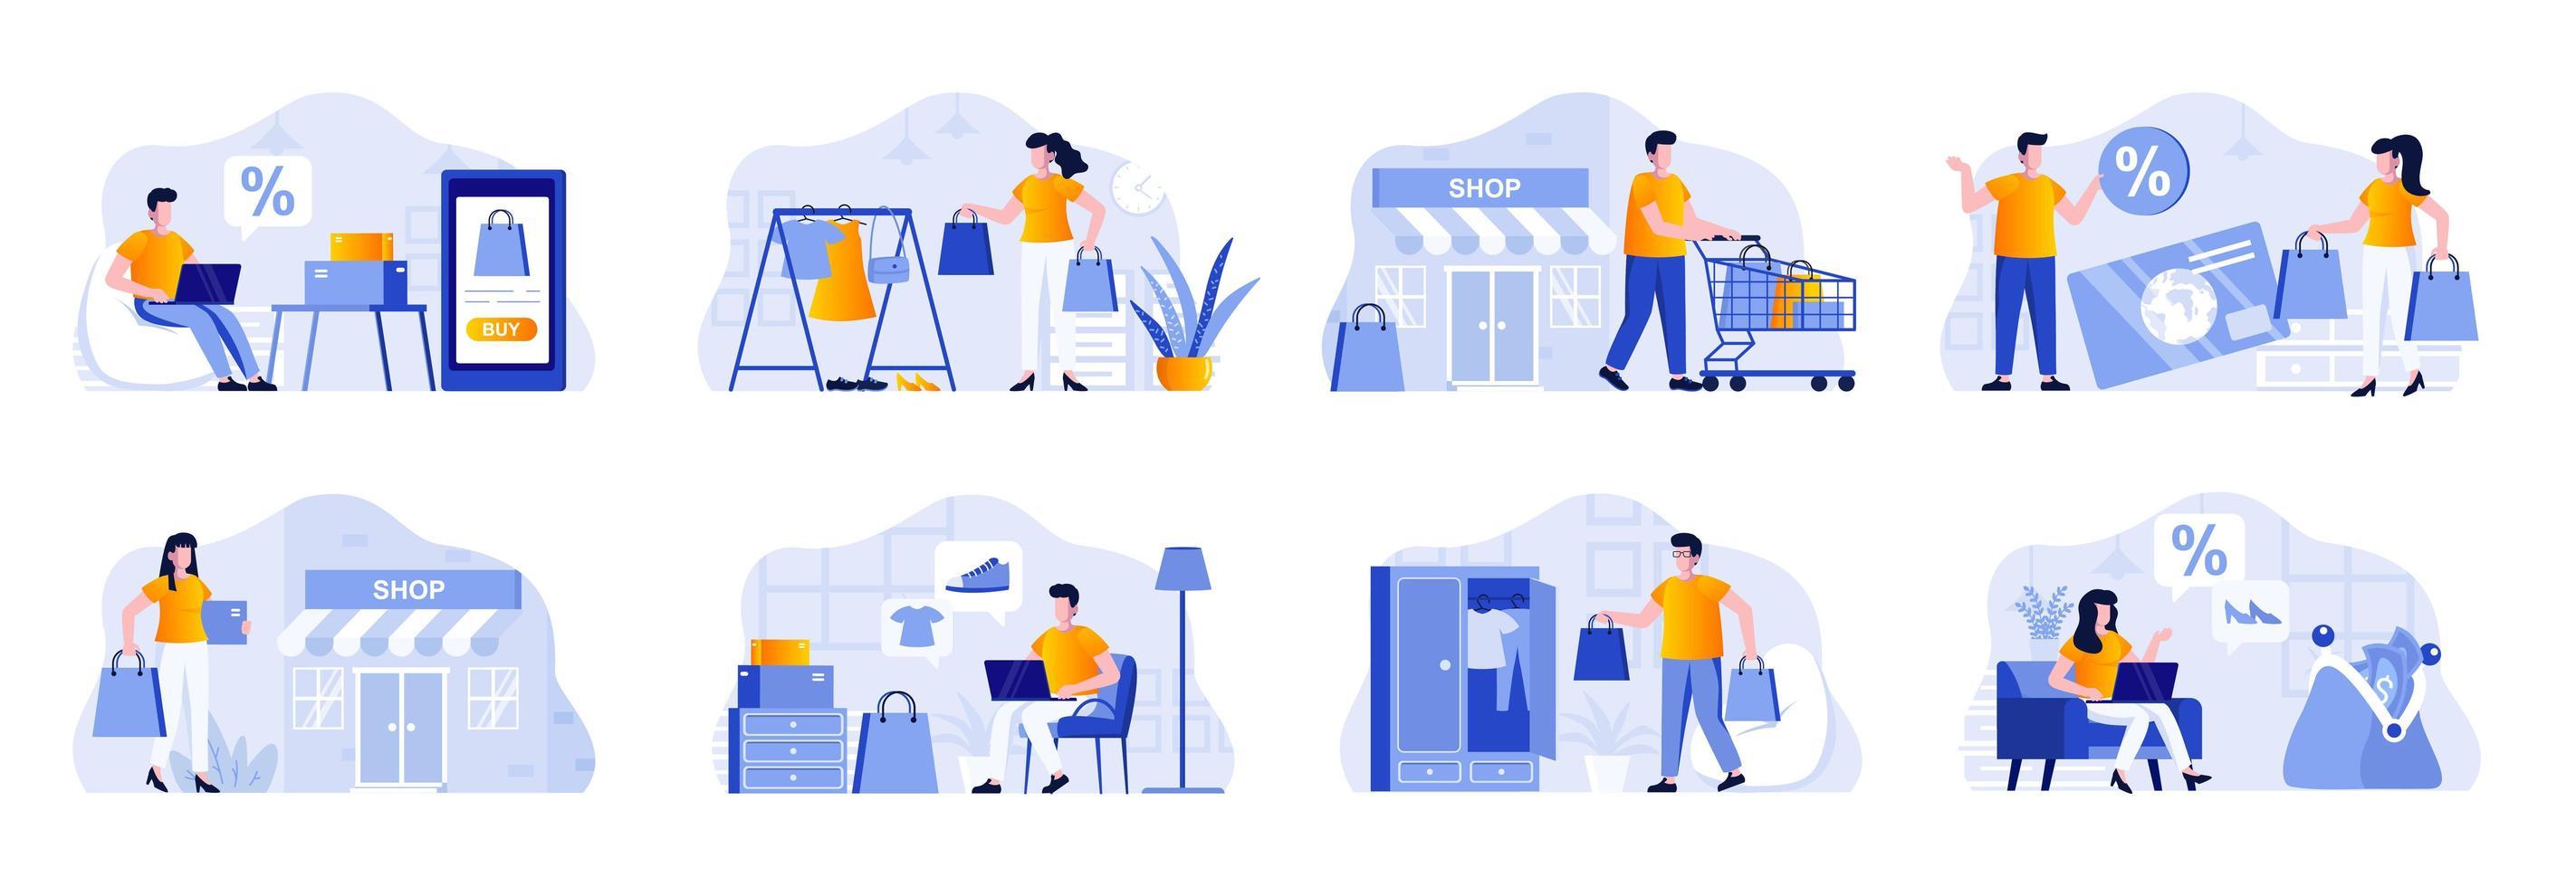 shopping scener bunt med människor vektor